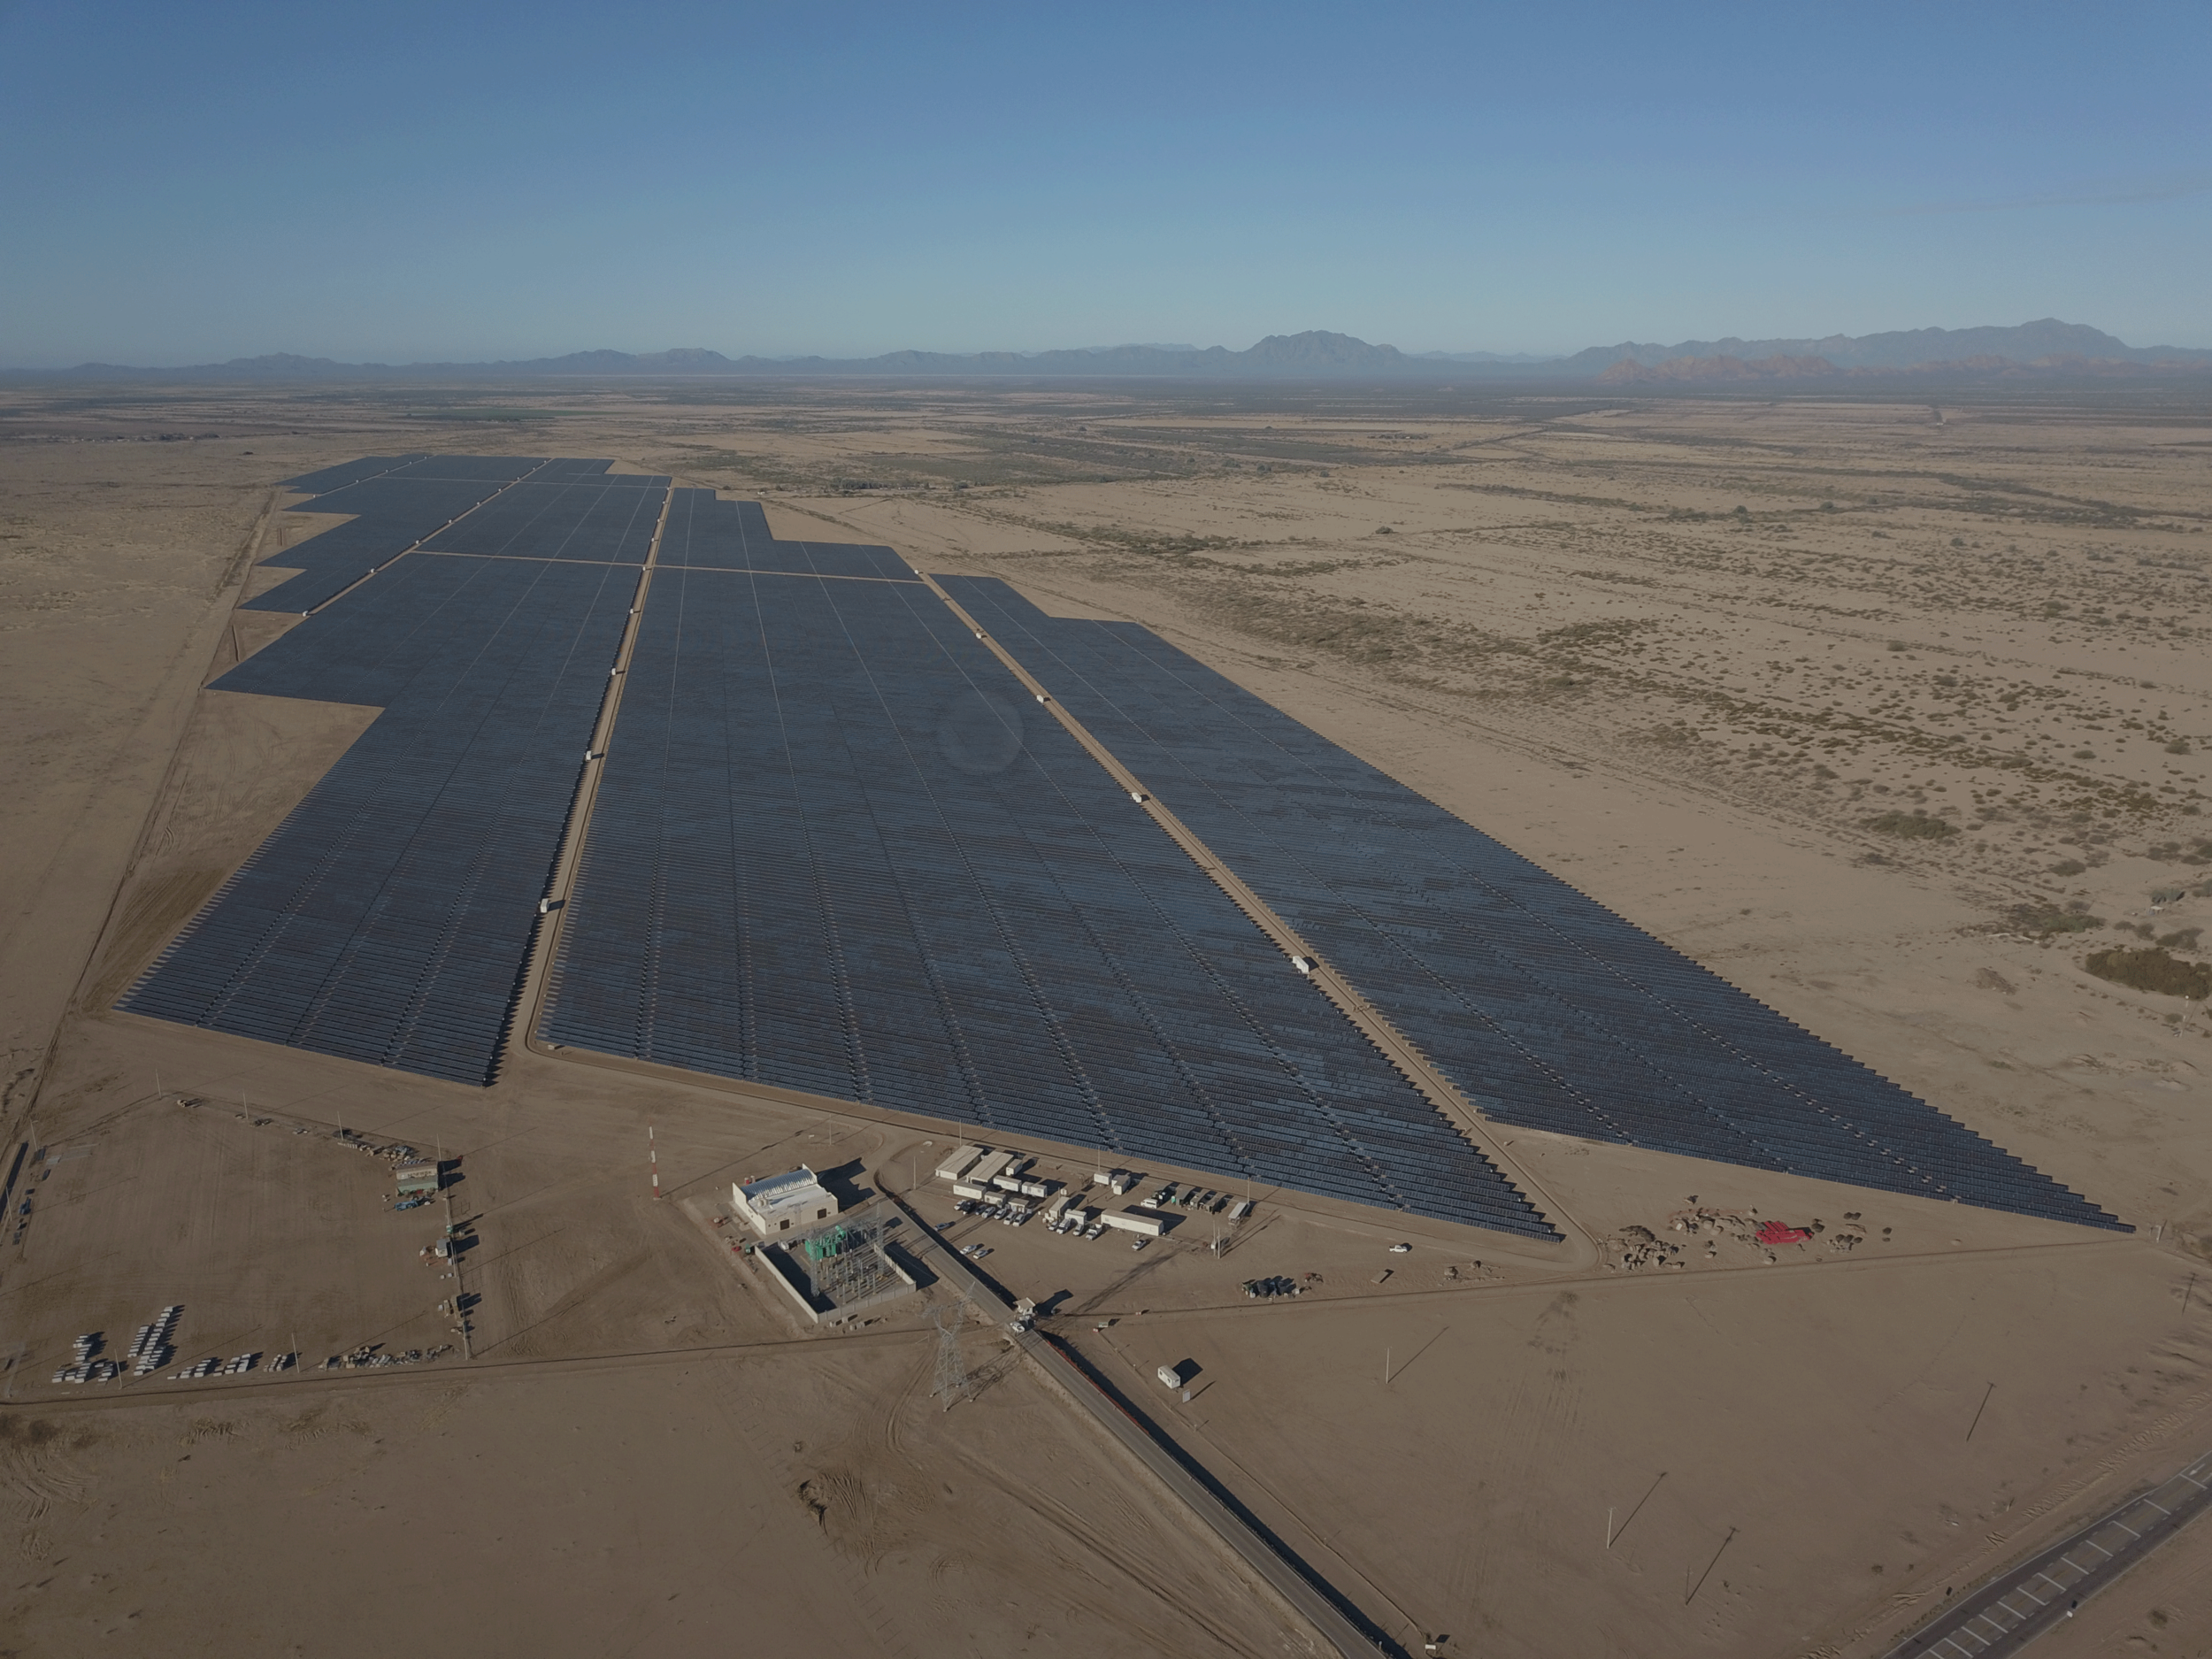 Sener inaugura parque fotovoltaico en Sonora - El FinancieroAgosto 2019